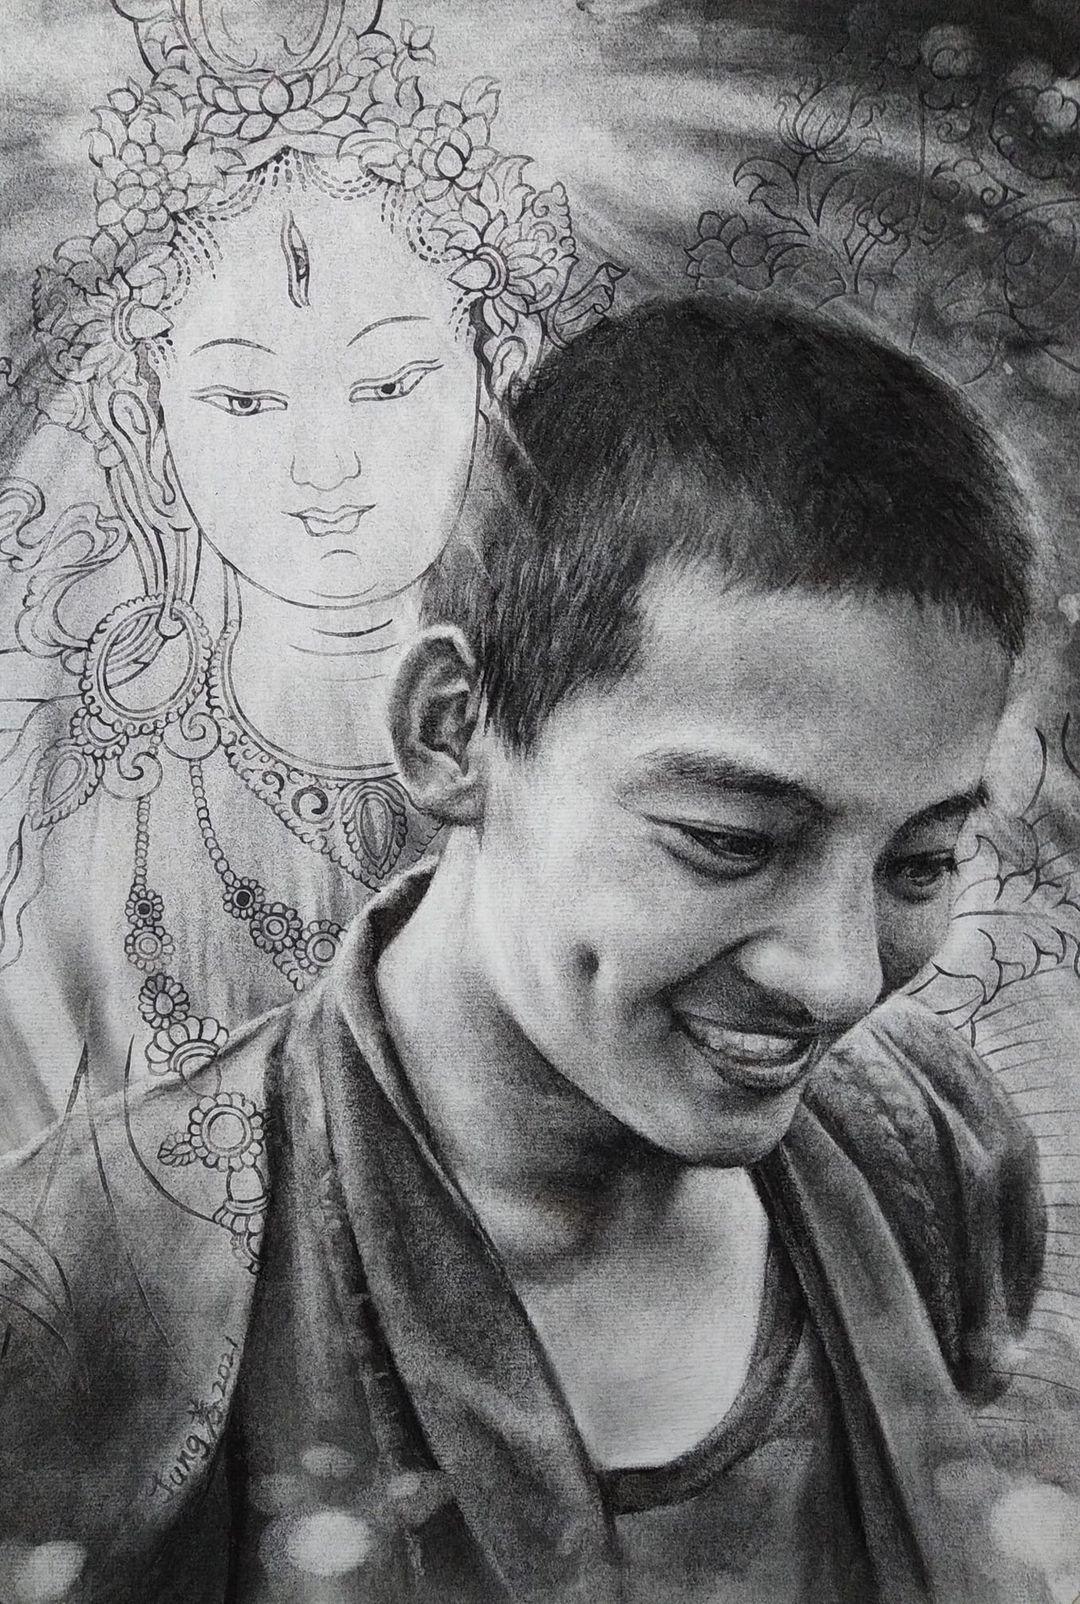 19歲的丹增‧尼瑪,參與示威抗議高喊西藏獨立遭警方關押。去年在網路分享被捕訊息再度被捕,獲釋不久後死亡,家人懷疑他在獄中受虐所致。董靜蓉在他身後畫白度母(藏語: རྗེ་བཙུན་སྒྲོལ་དཀར།)傳說是觀世音菩薩的眼淚化現。(董靜蓉提供)